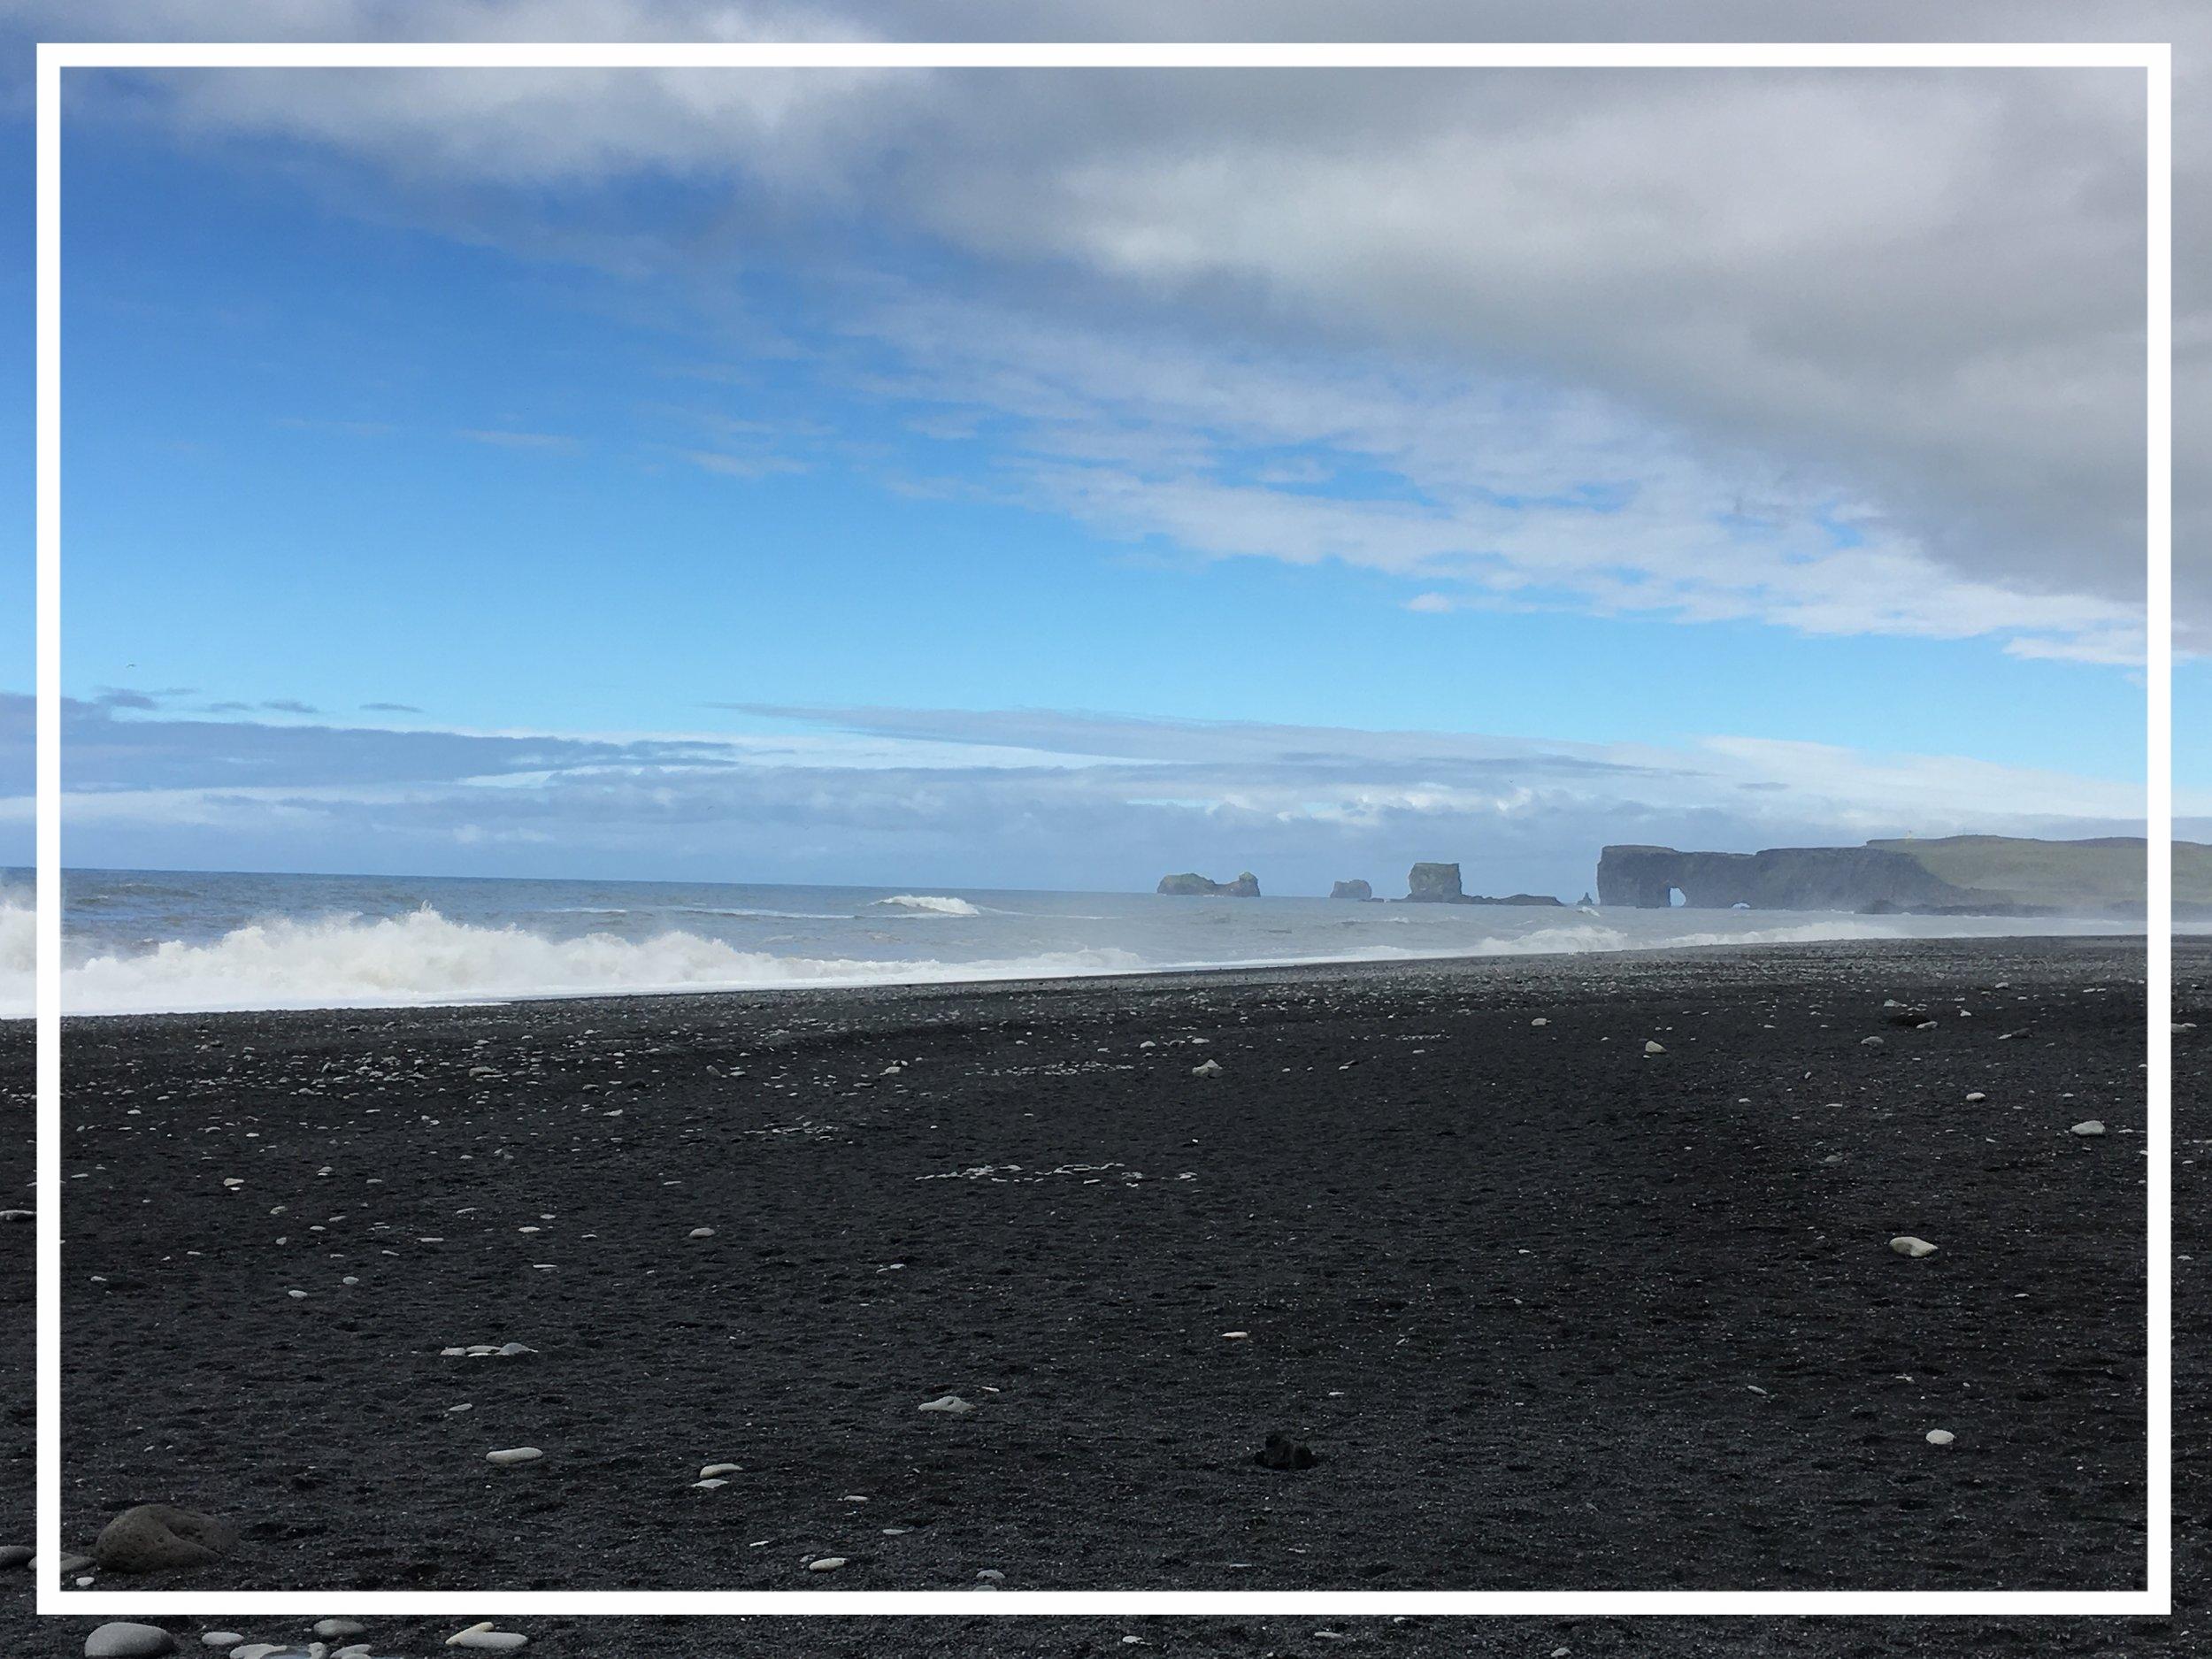 The Black Beach, Reynisfjara, Iceland  © HD Grzywnowicz, 2017